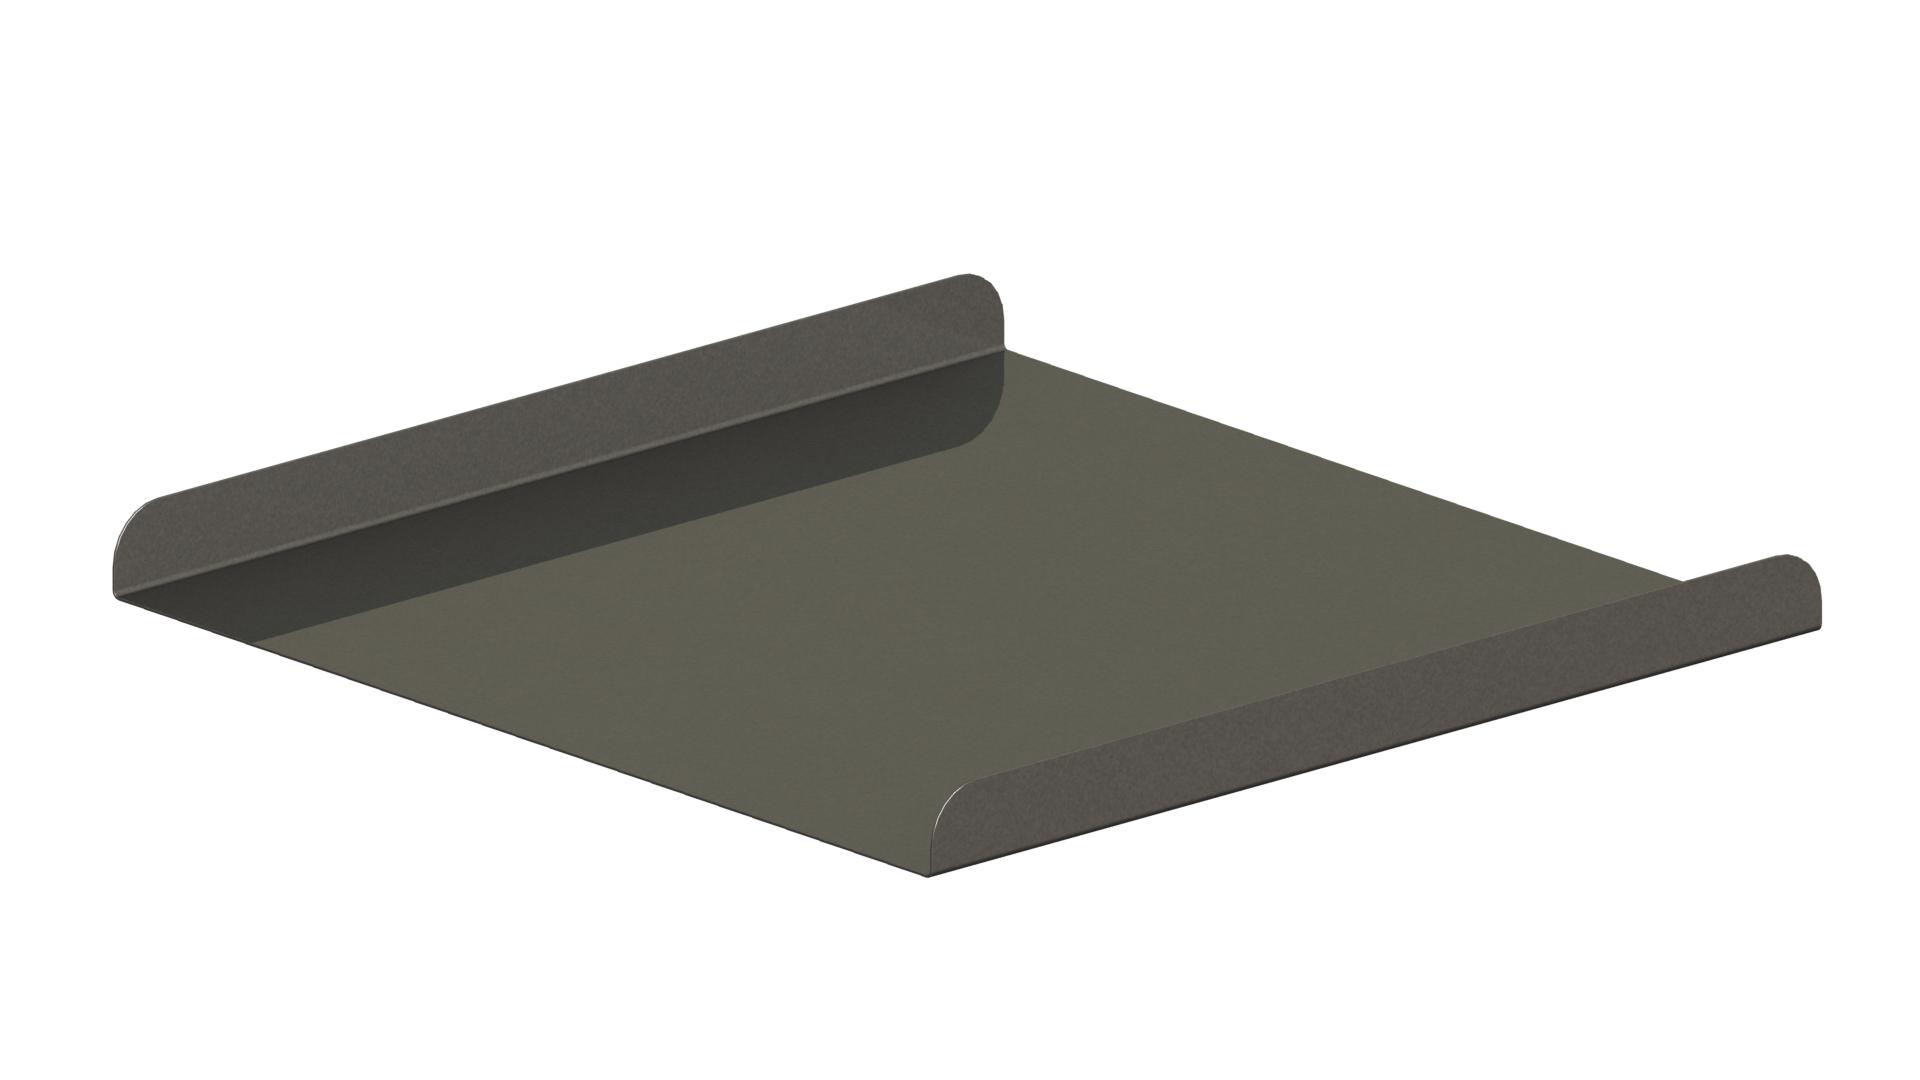 Tischplatte für Sitzwürfel aus Metall